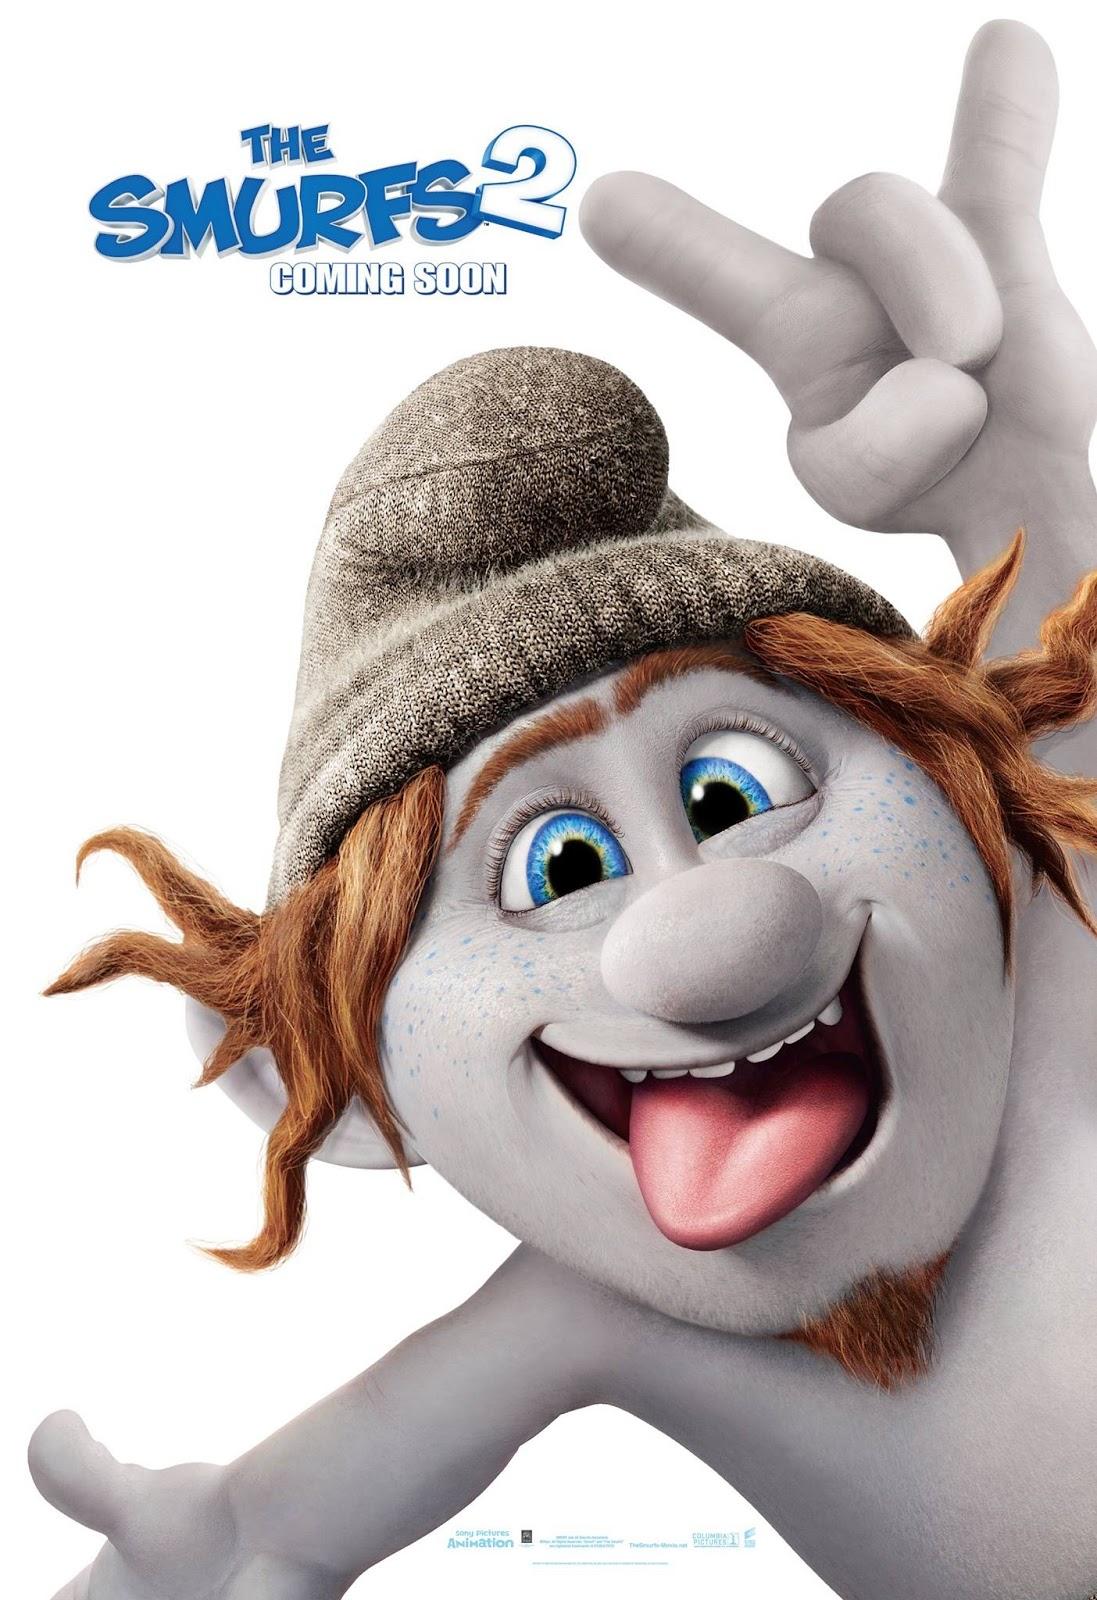 smurfs 2 trailer smurfs 2 movie poster